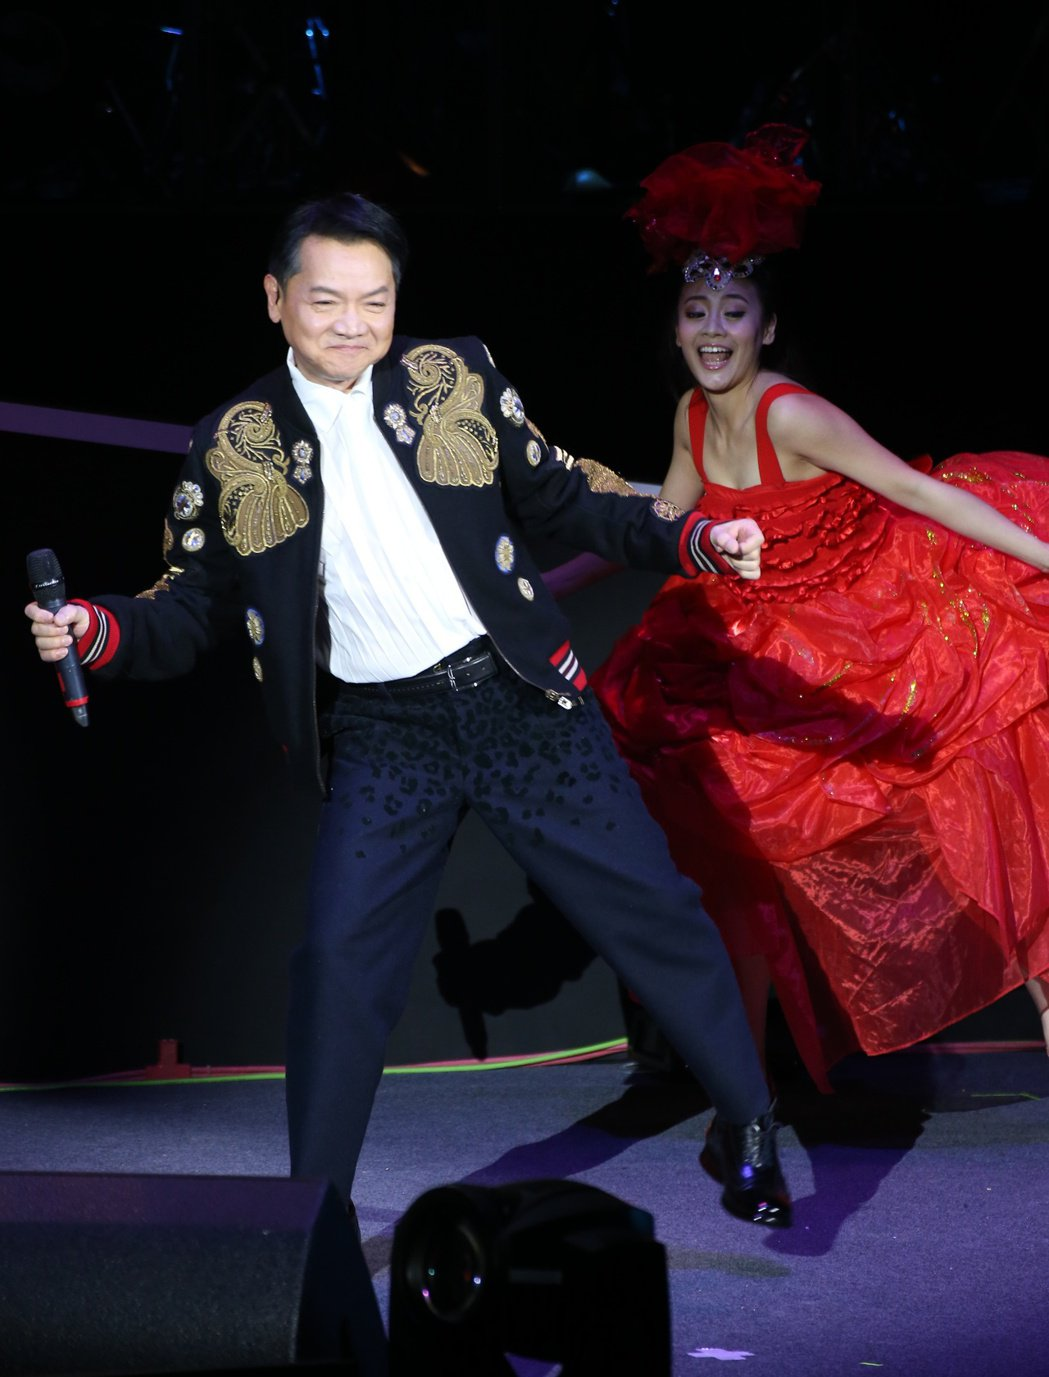 葉啟田於台北國際會議中心舉辦[慕然回首]演唱會。記者陳立凱/攝影